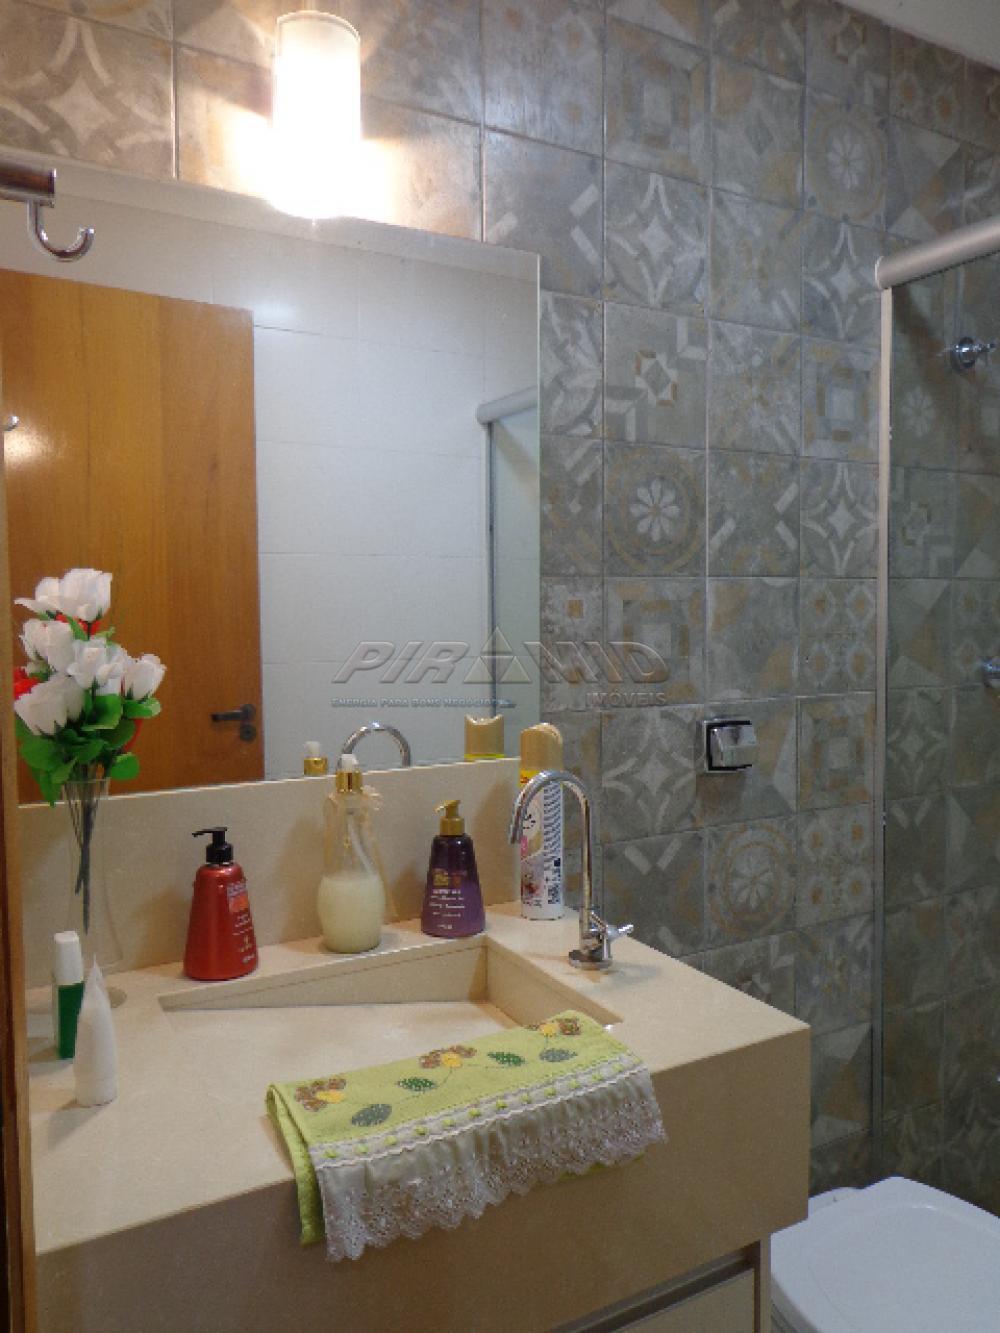 Comprar Apartamento / Padrão em Ribeirão Preto apenas R$ 450.000,00 - Foto 16